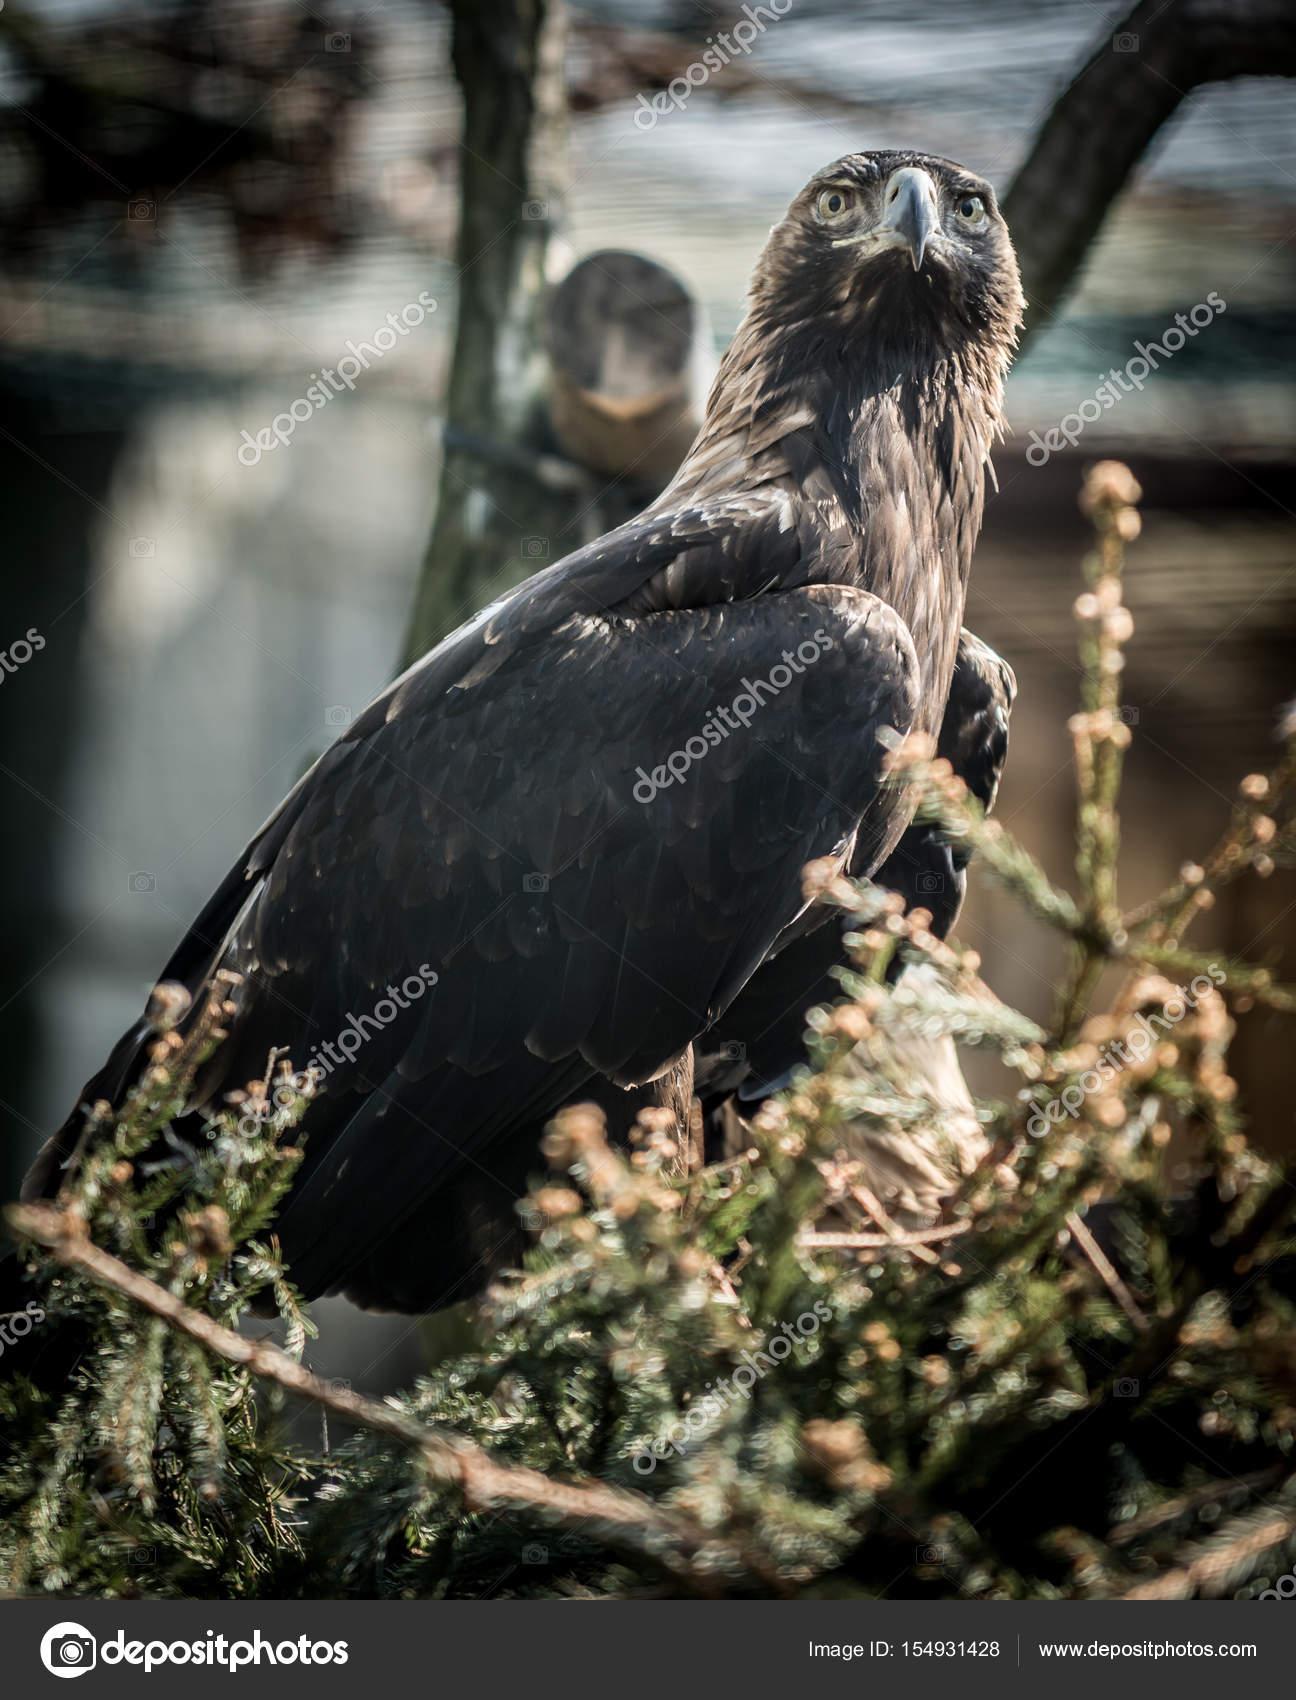 μαύρο τύπο με τεράστιο πουλί